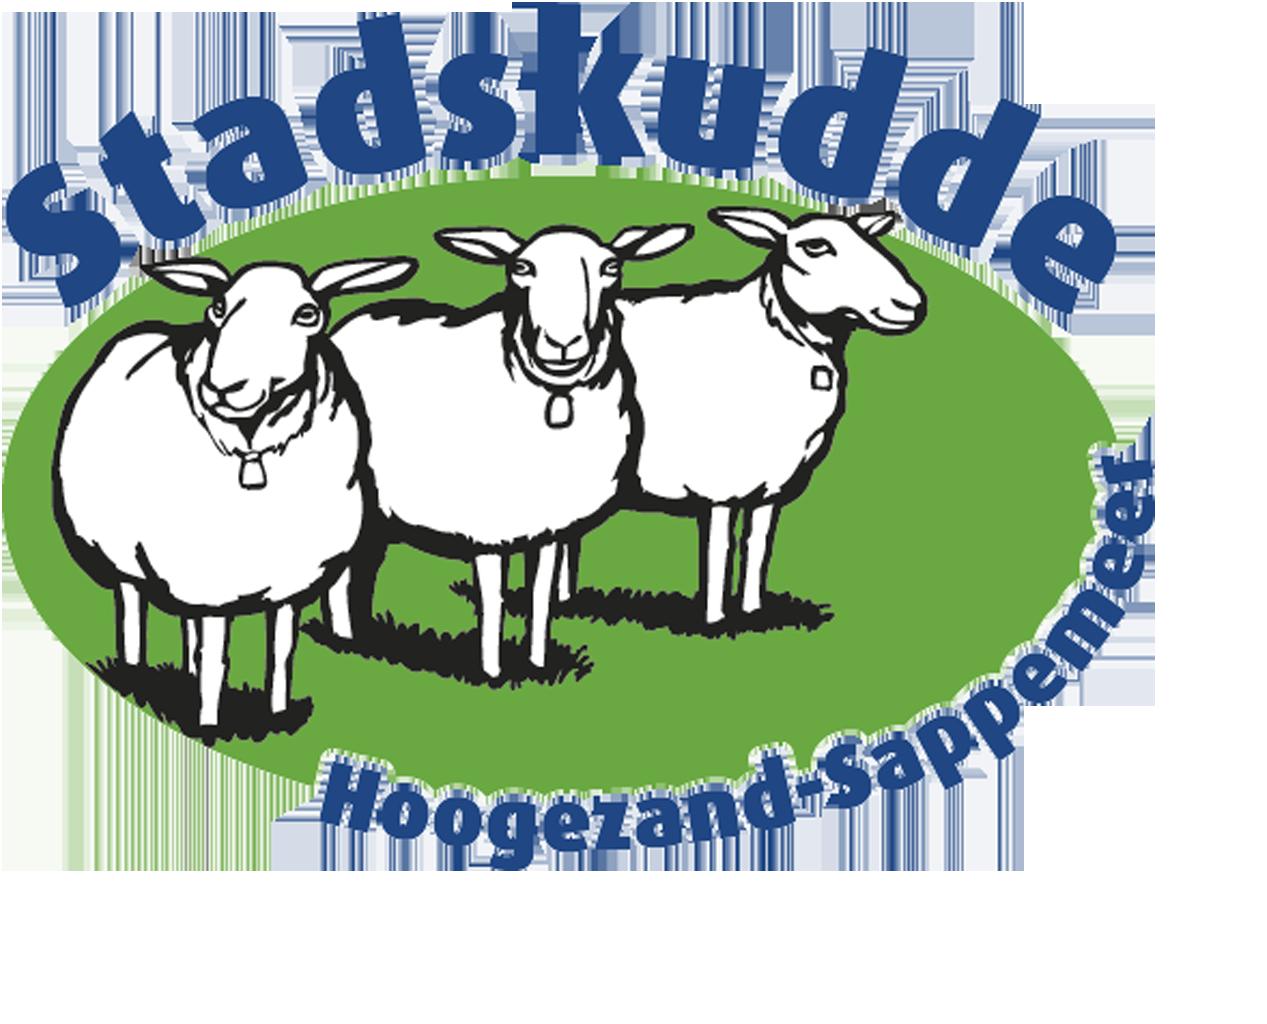 Stadskudde Hoogezand Sappemeer